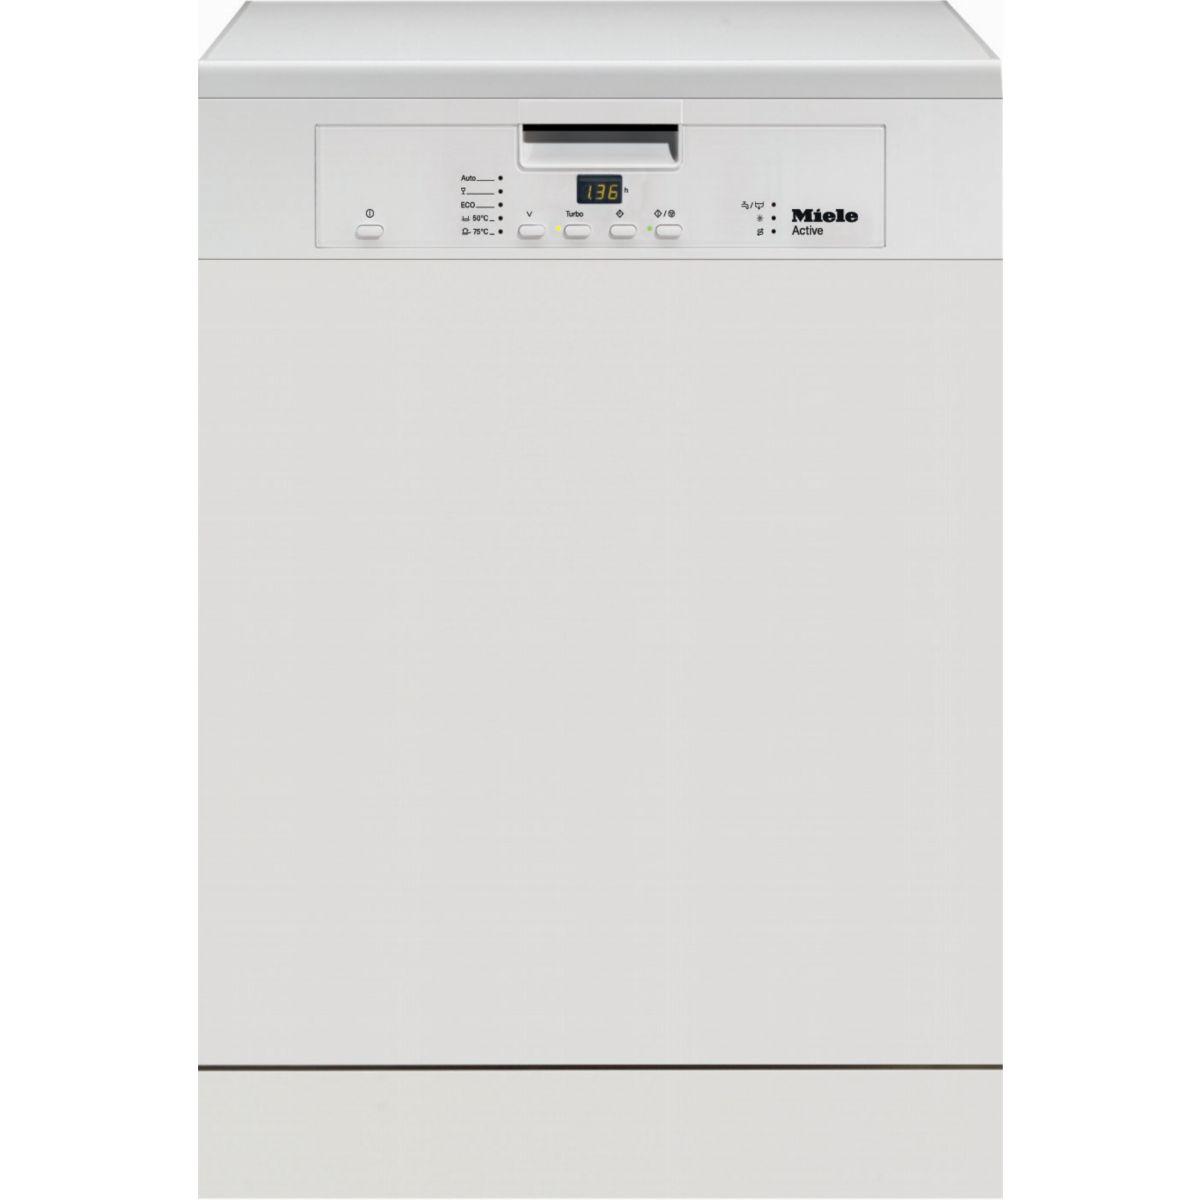 Lave-vaisselle 60cm MIELE G 4202 (photo)